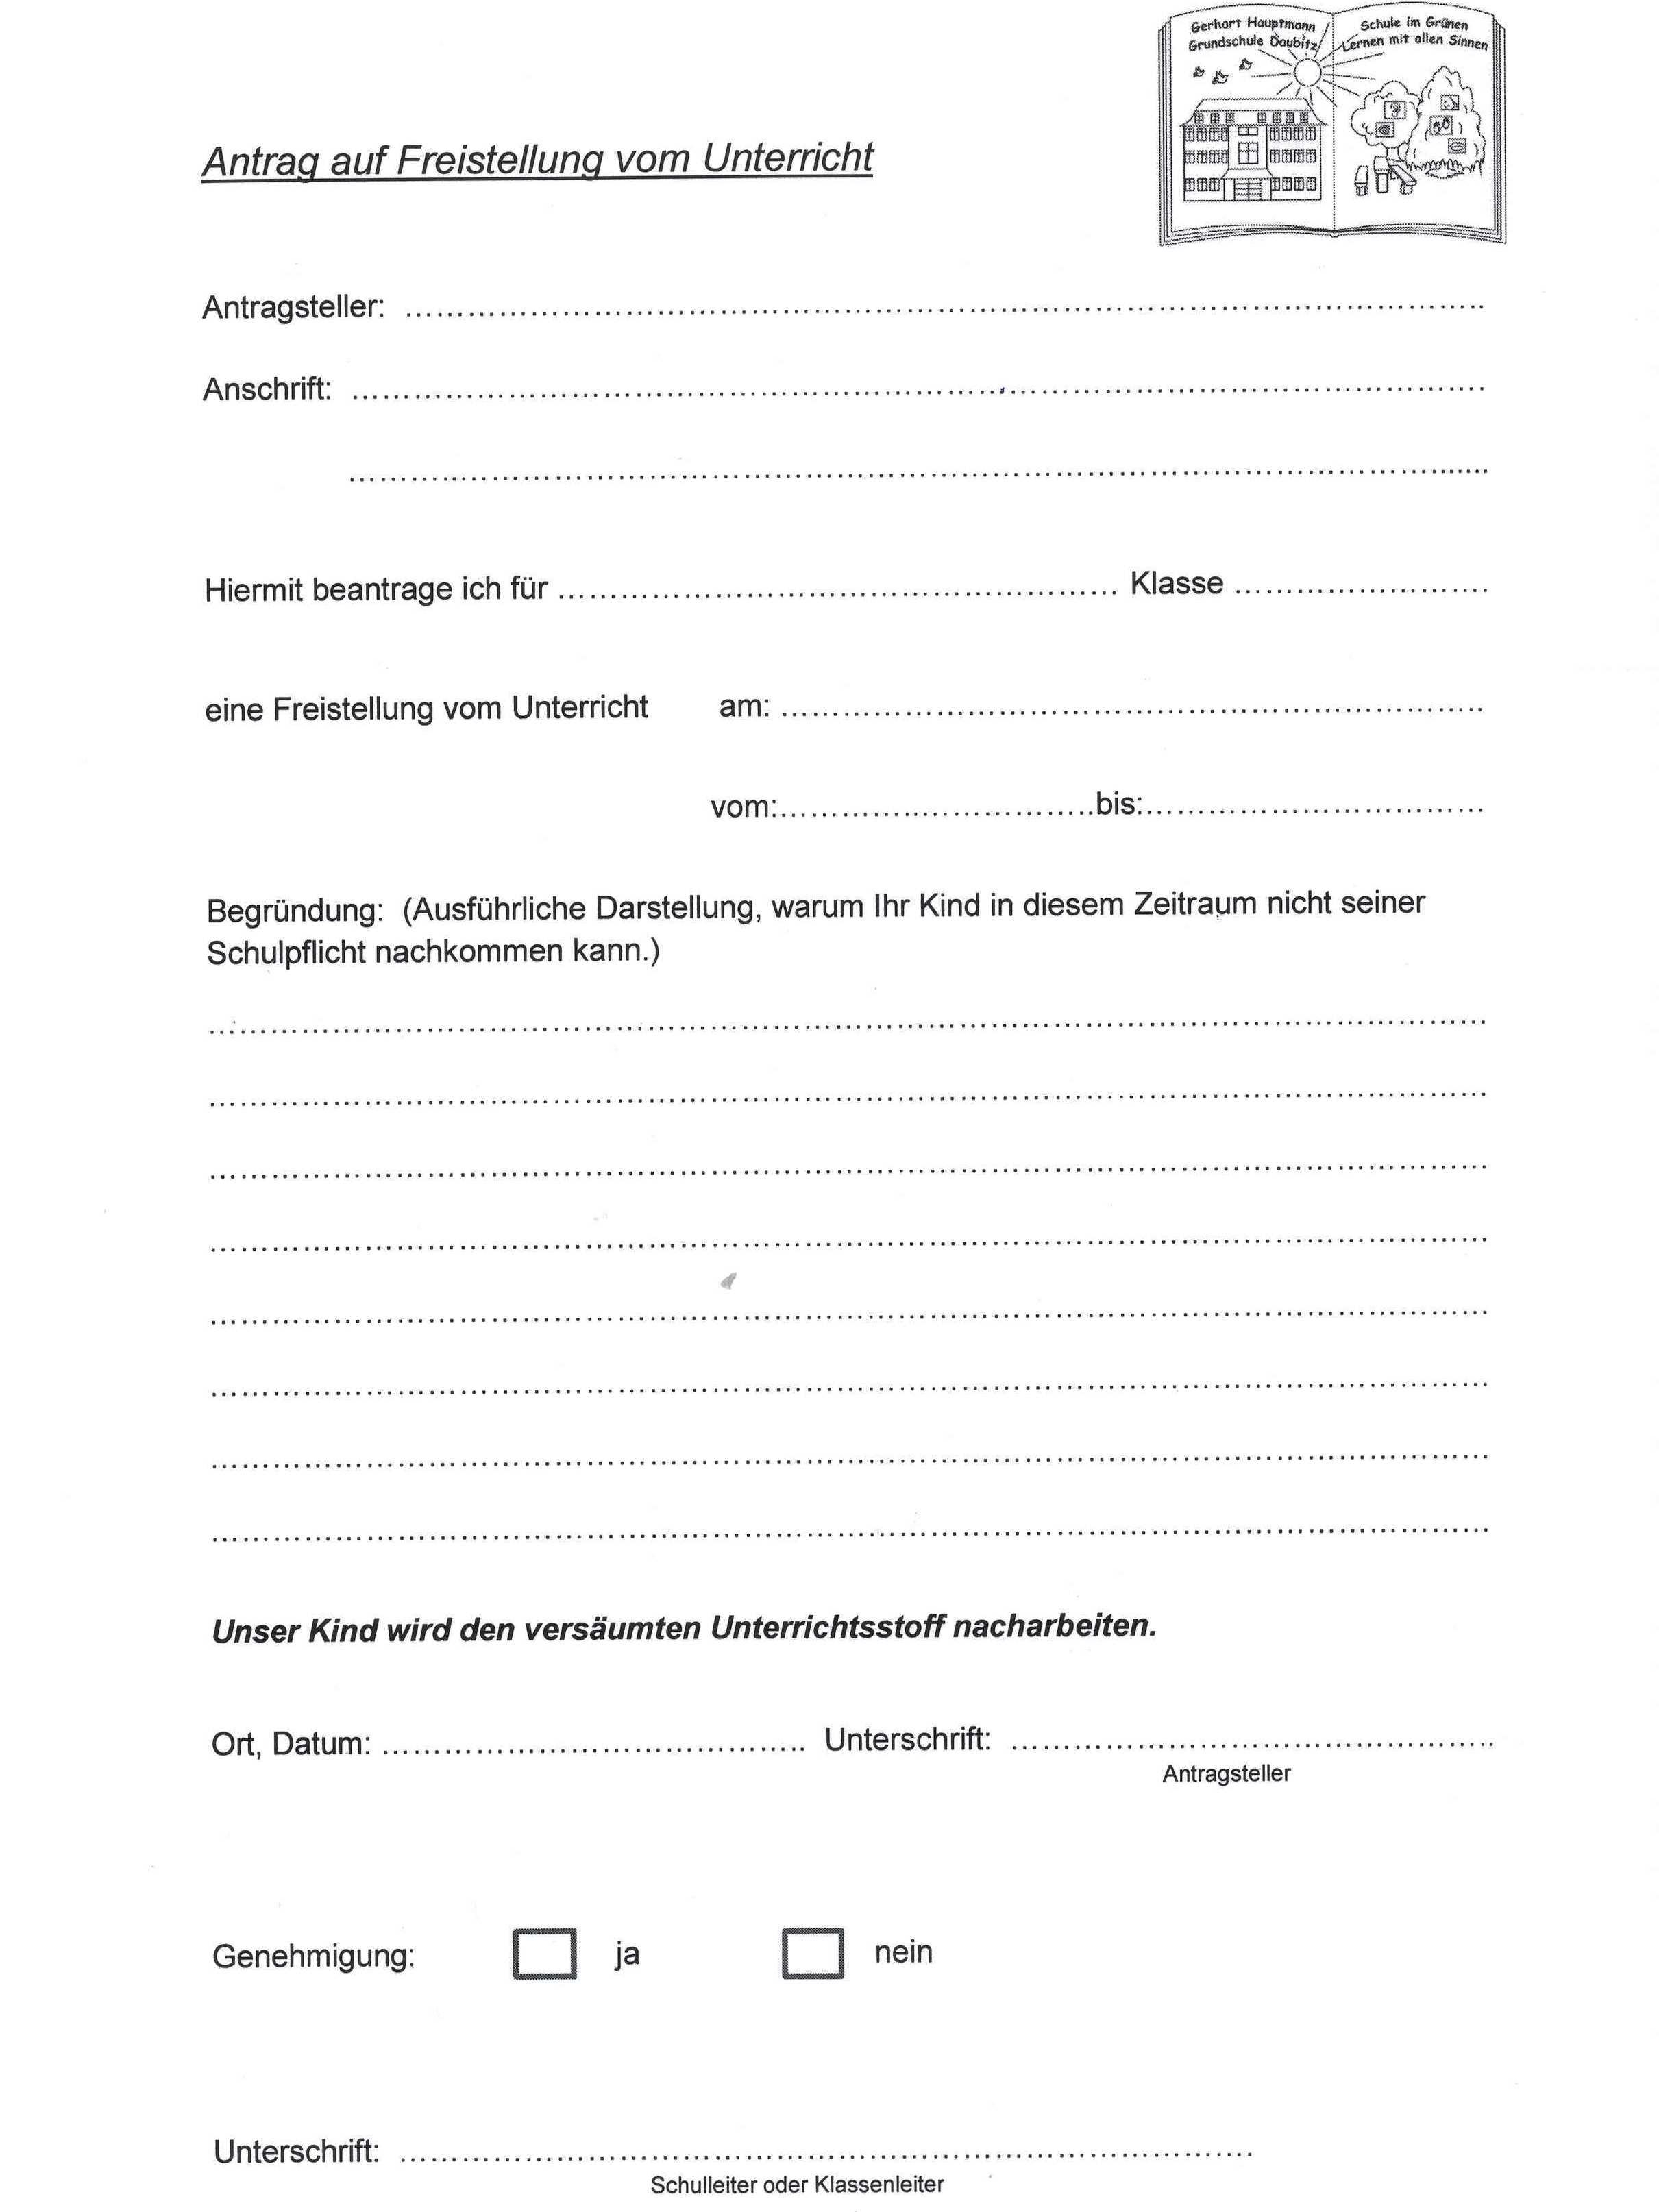 Grundschule Daubitz - Formulare